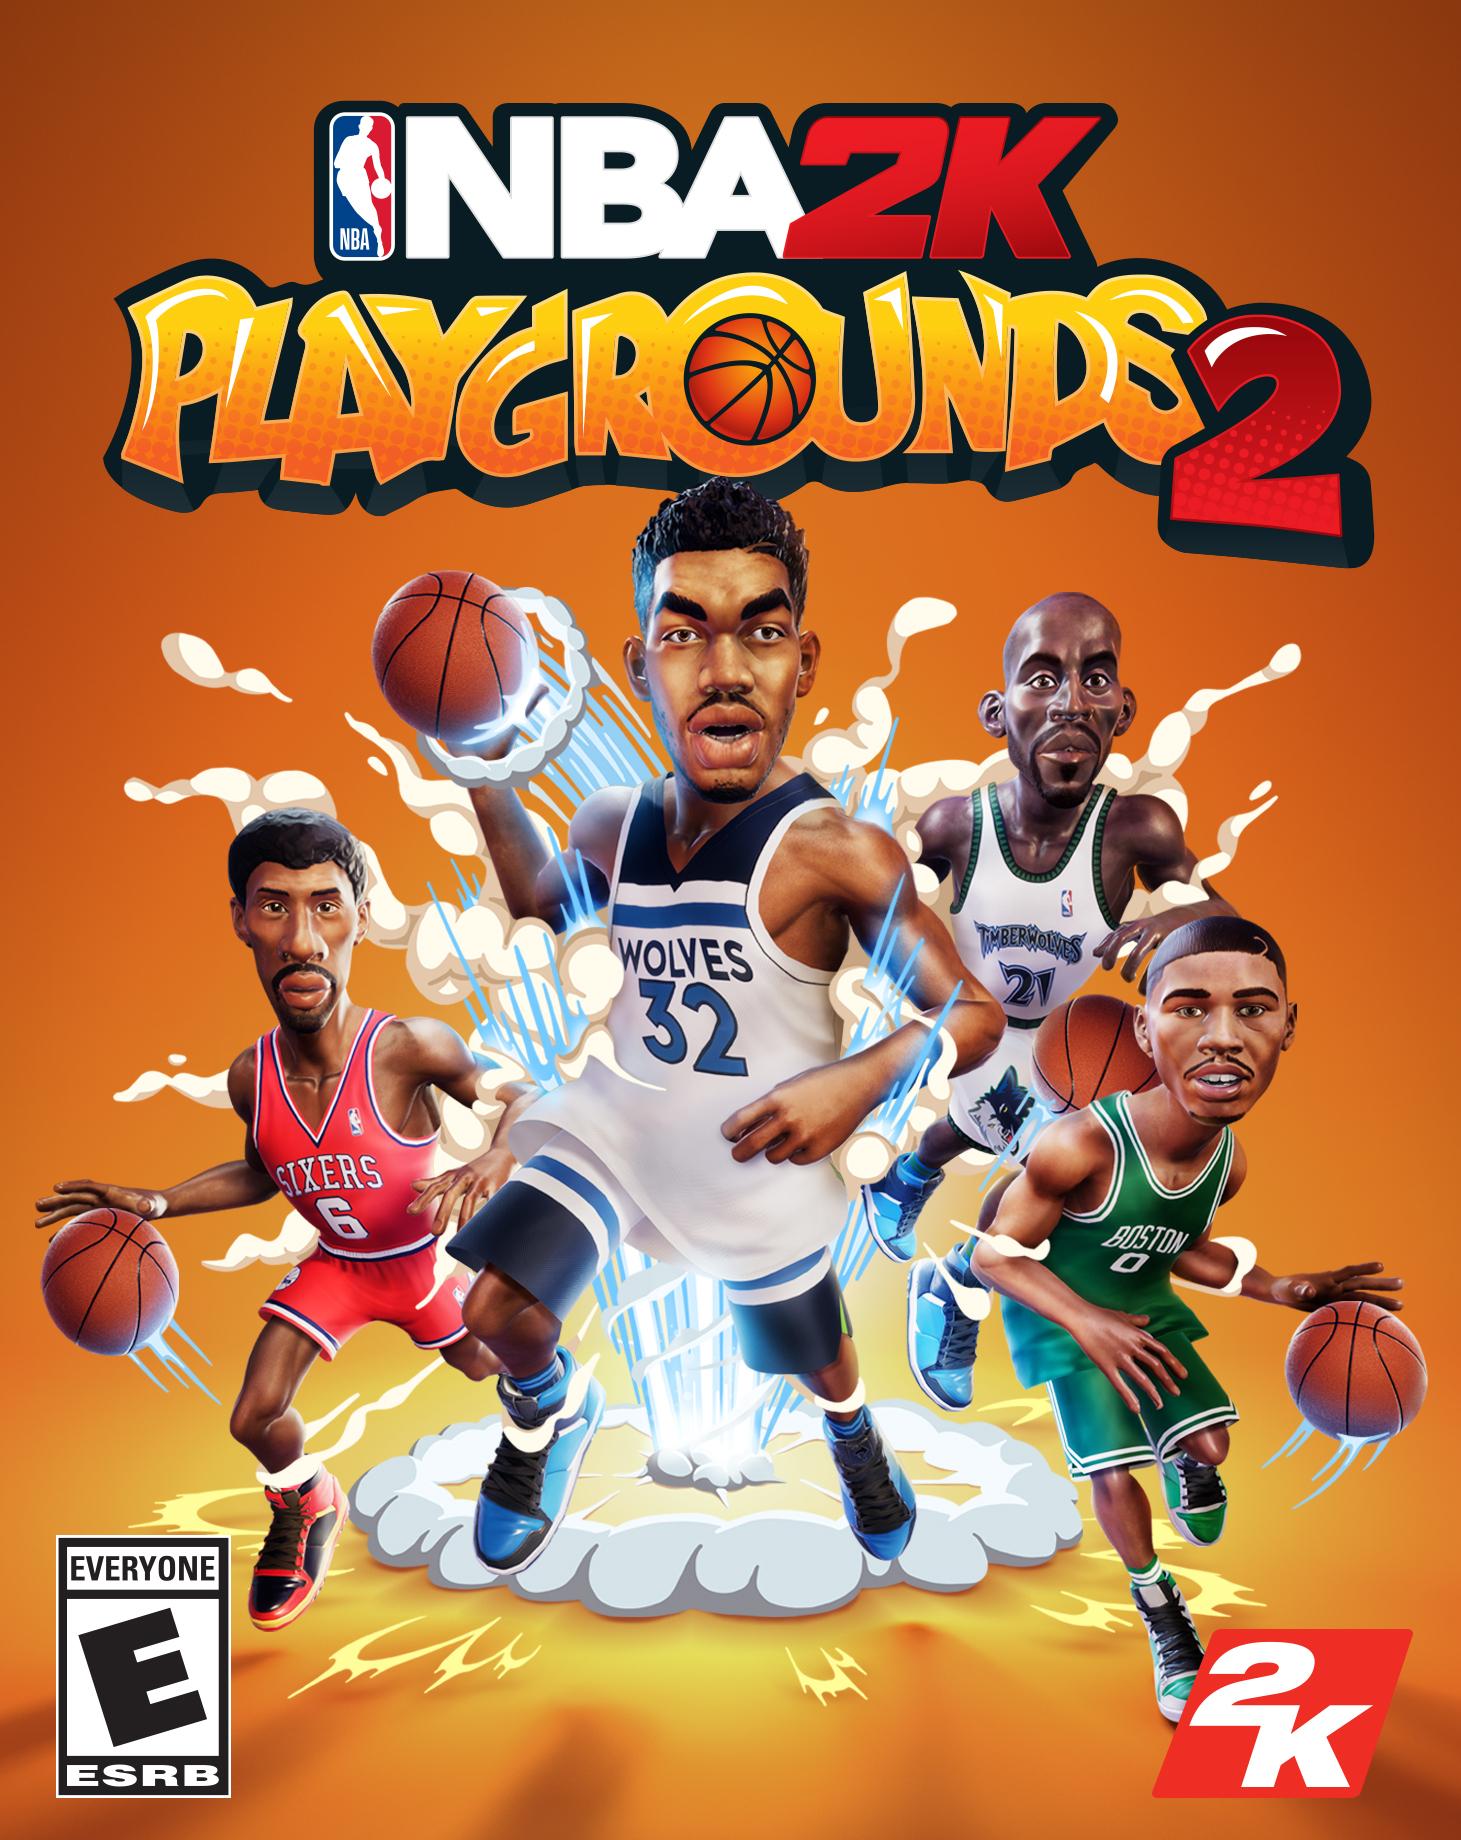 دانلود ترینر بازی NBA 2K Playgrounds 2